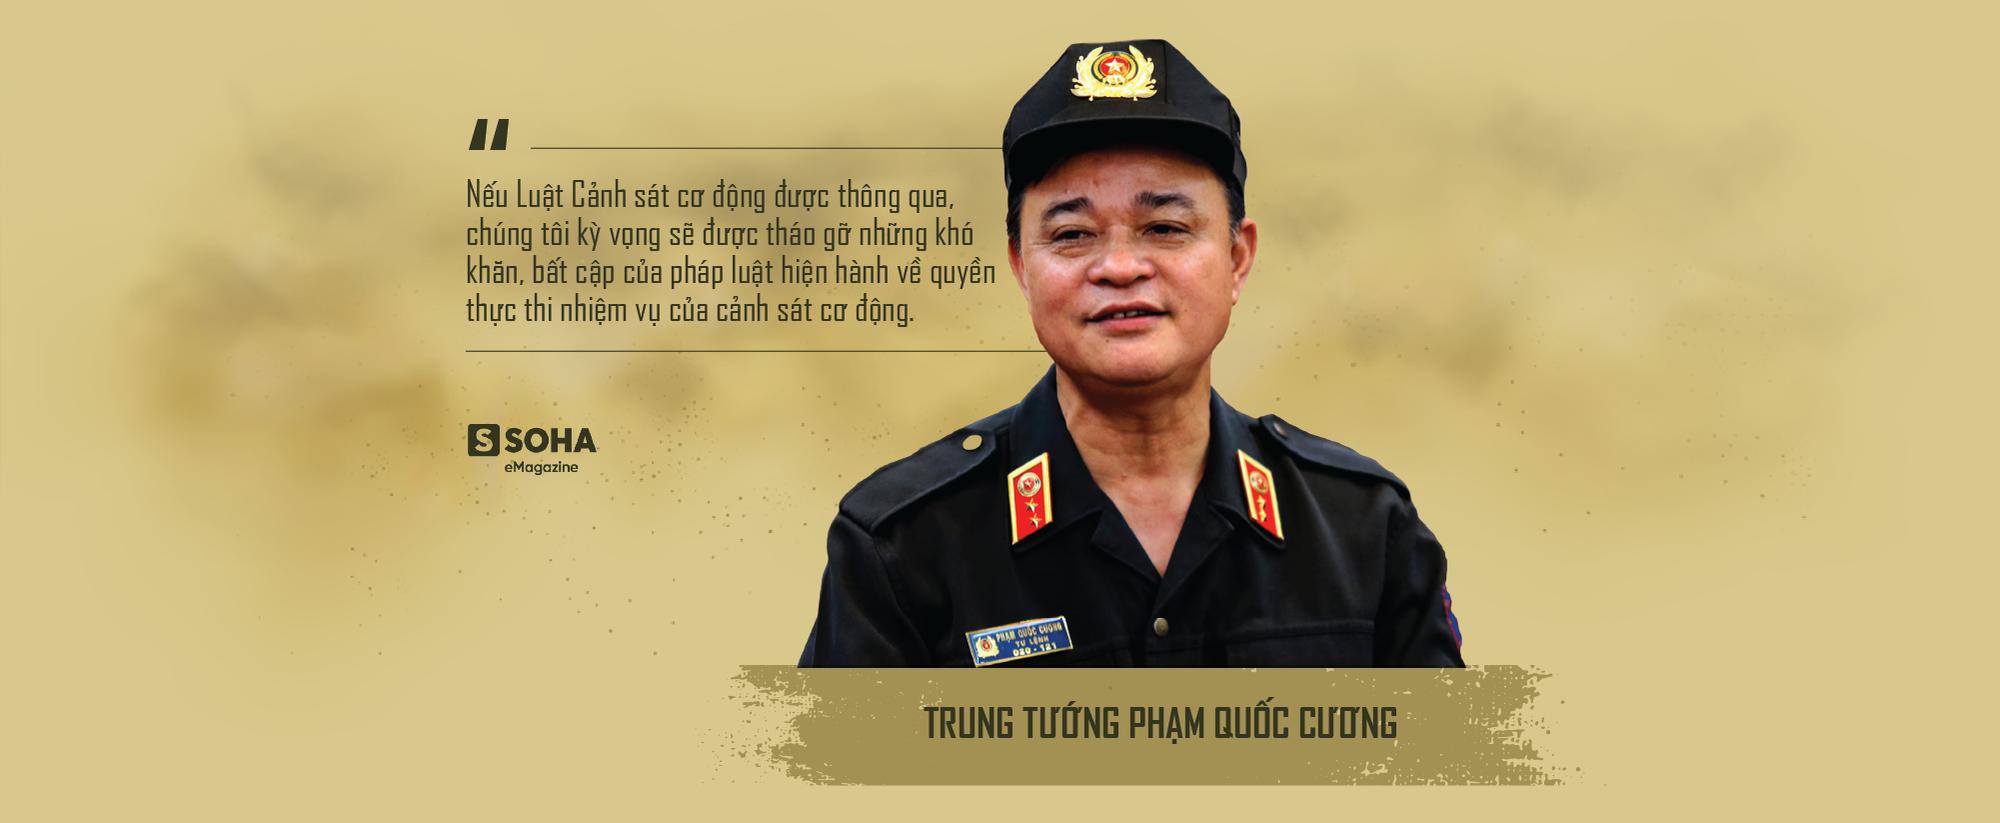 """Trung tướng Phạm Quốc Cương: """"Cảnh sát cơ động sẽ được trang bị máy bay, tàu thủy"""" - Ảnh 13."""